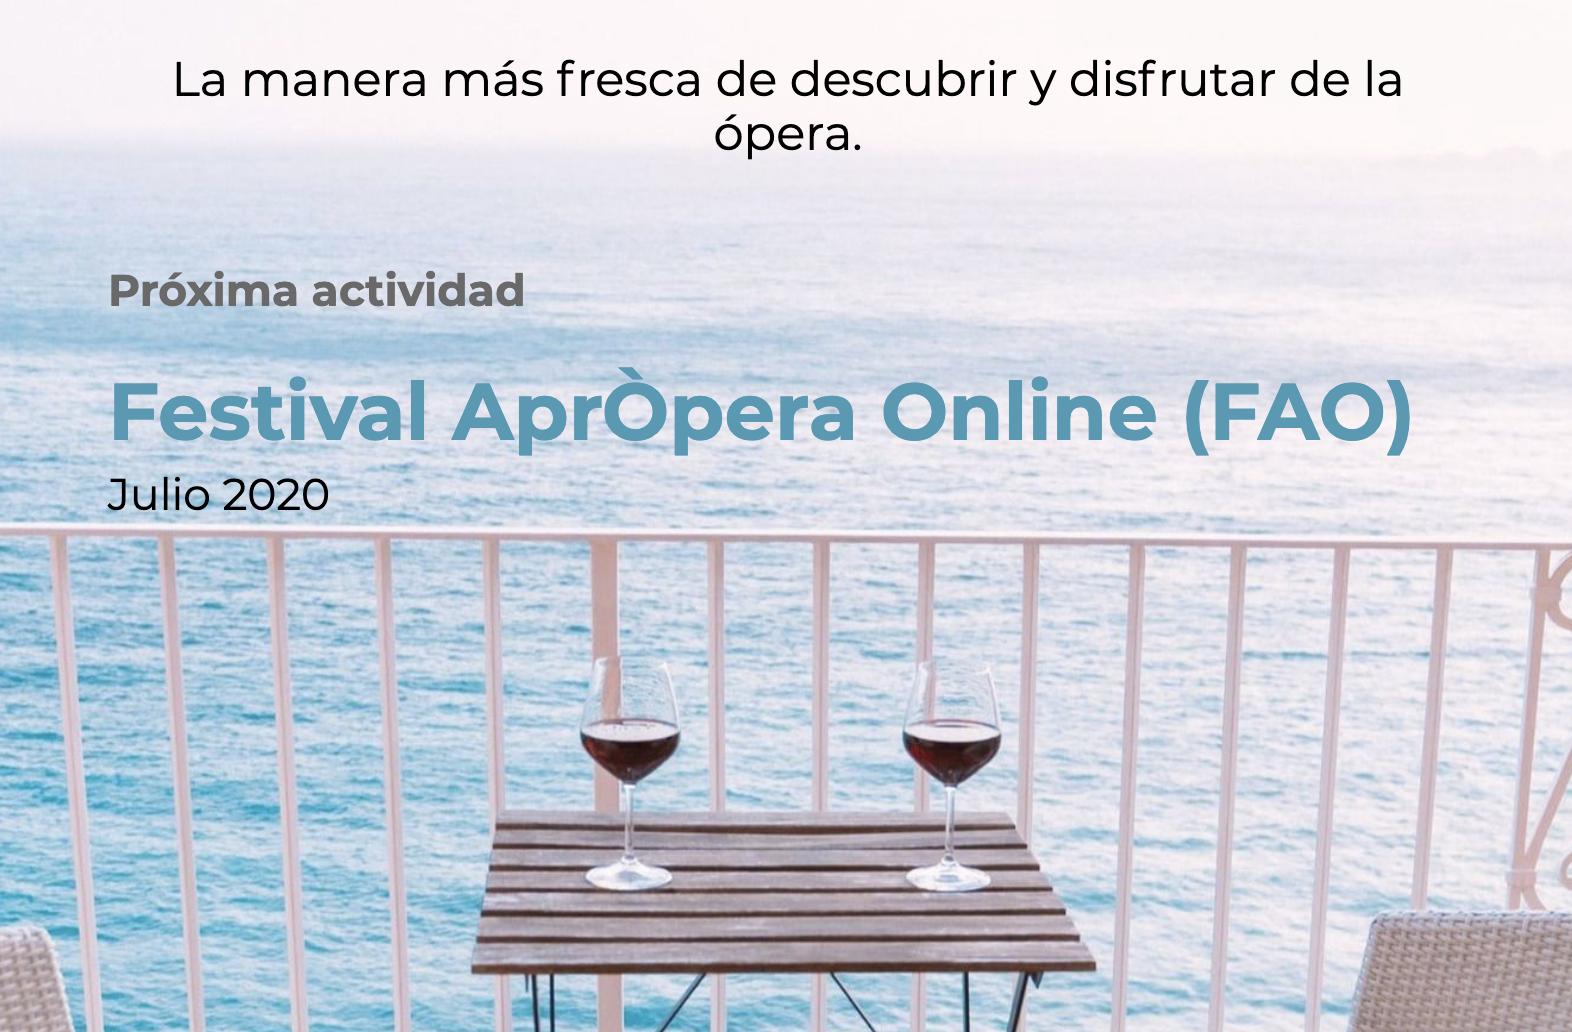 La Sinfónica de Galicia ofrecesu primer concierto con público tras el estado dealarma